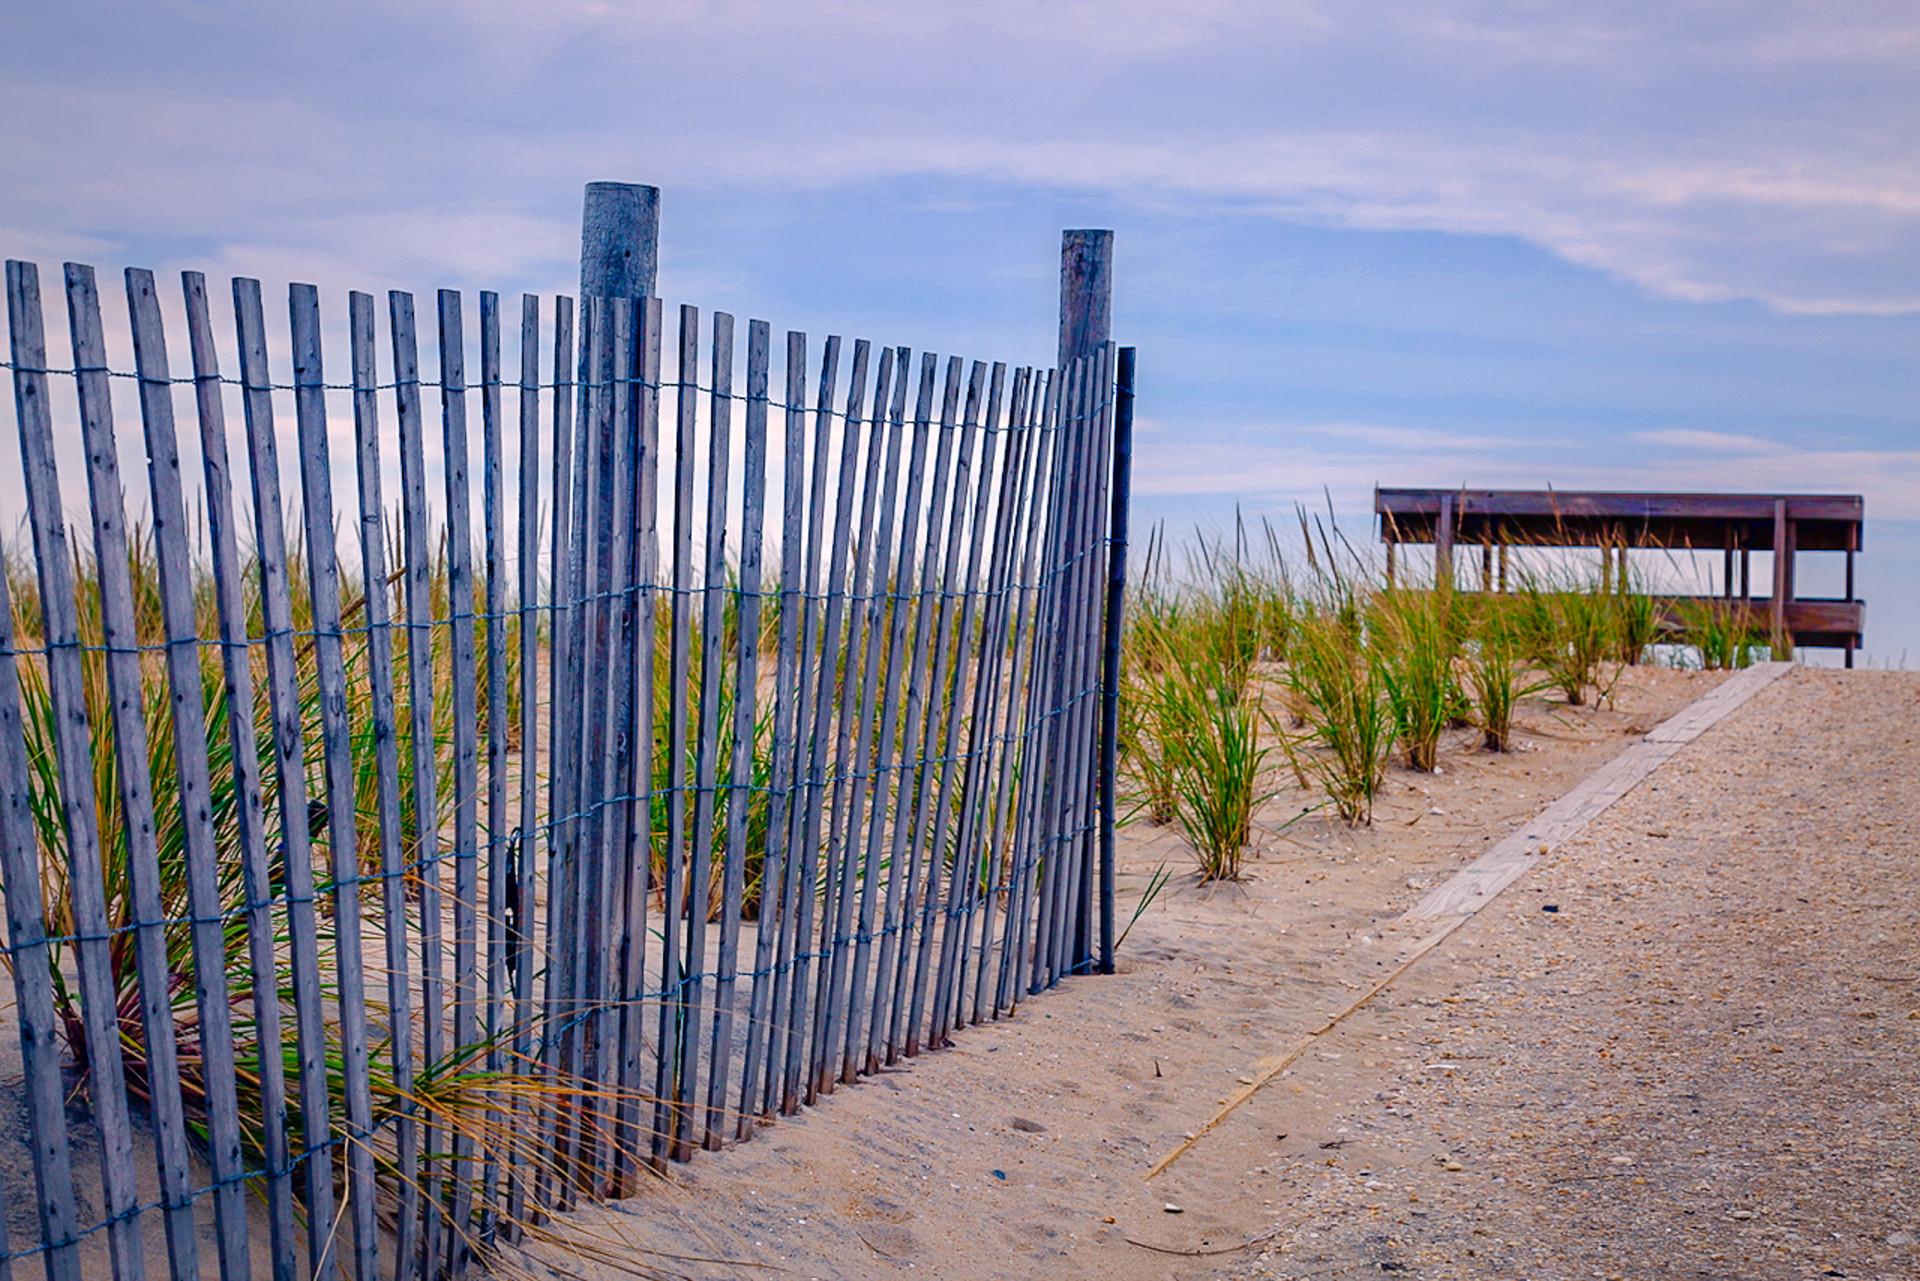 The LBI Beach Entry